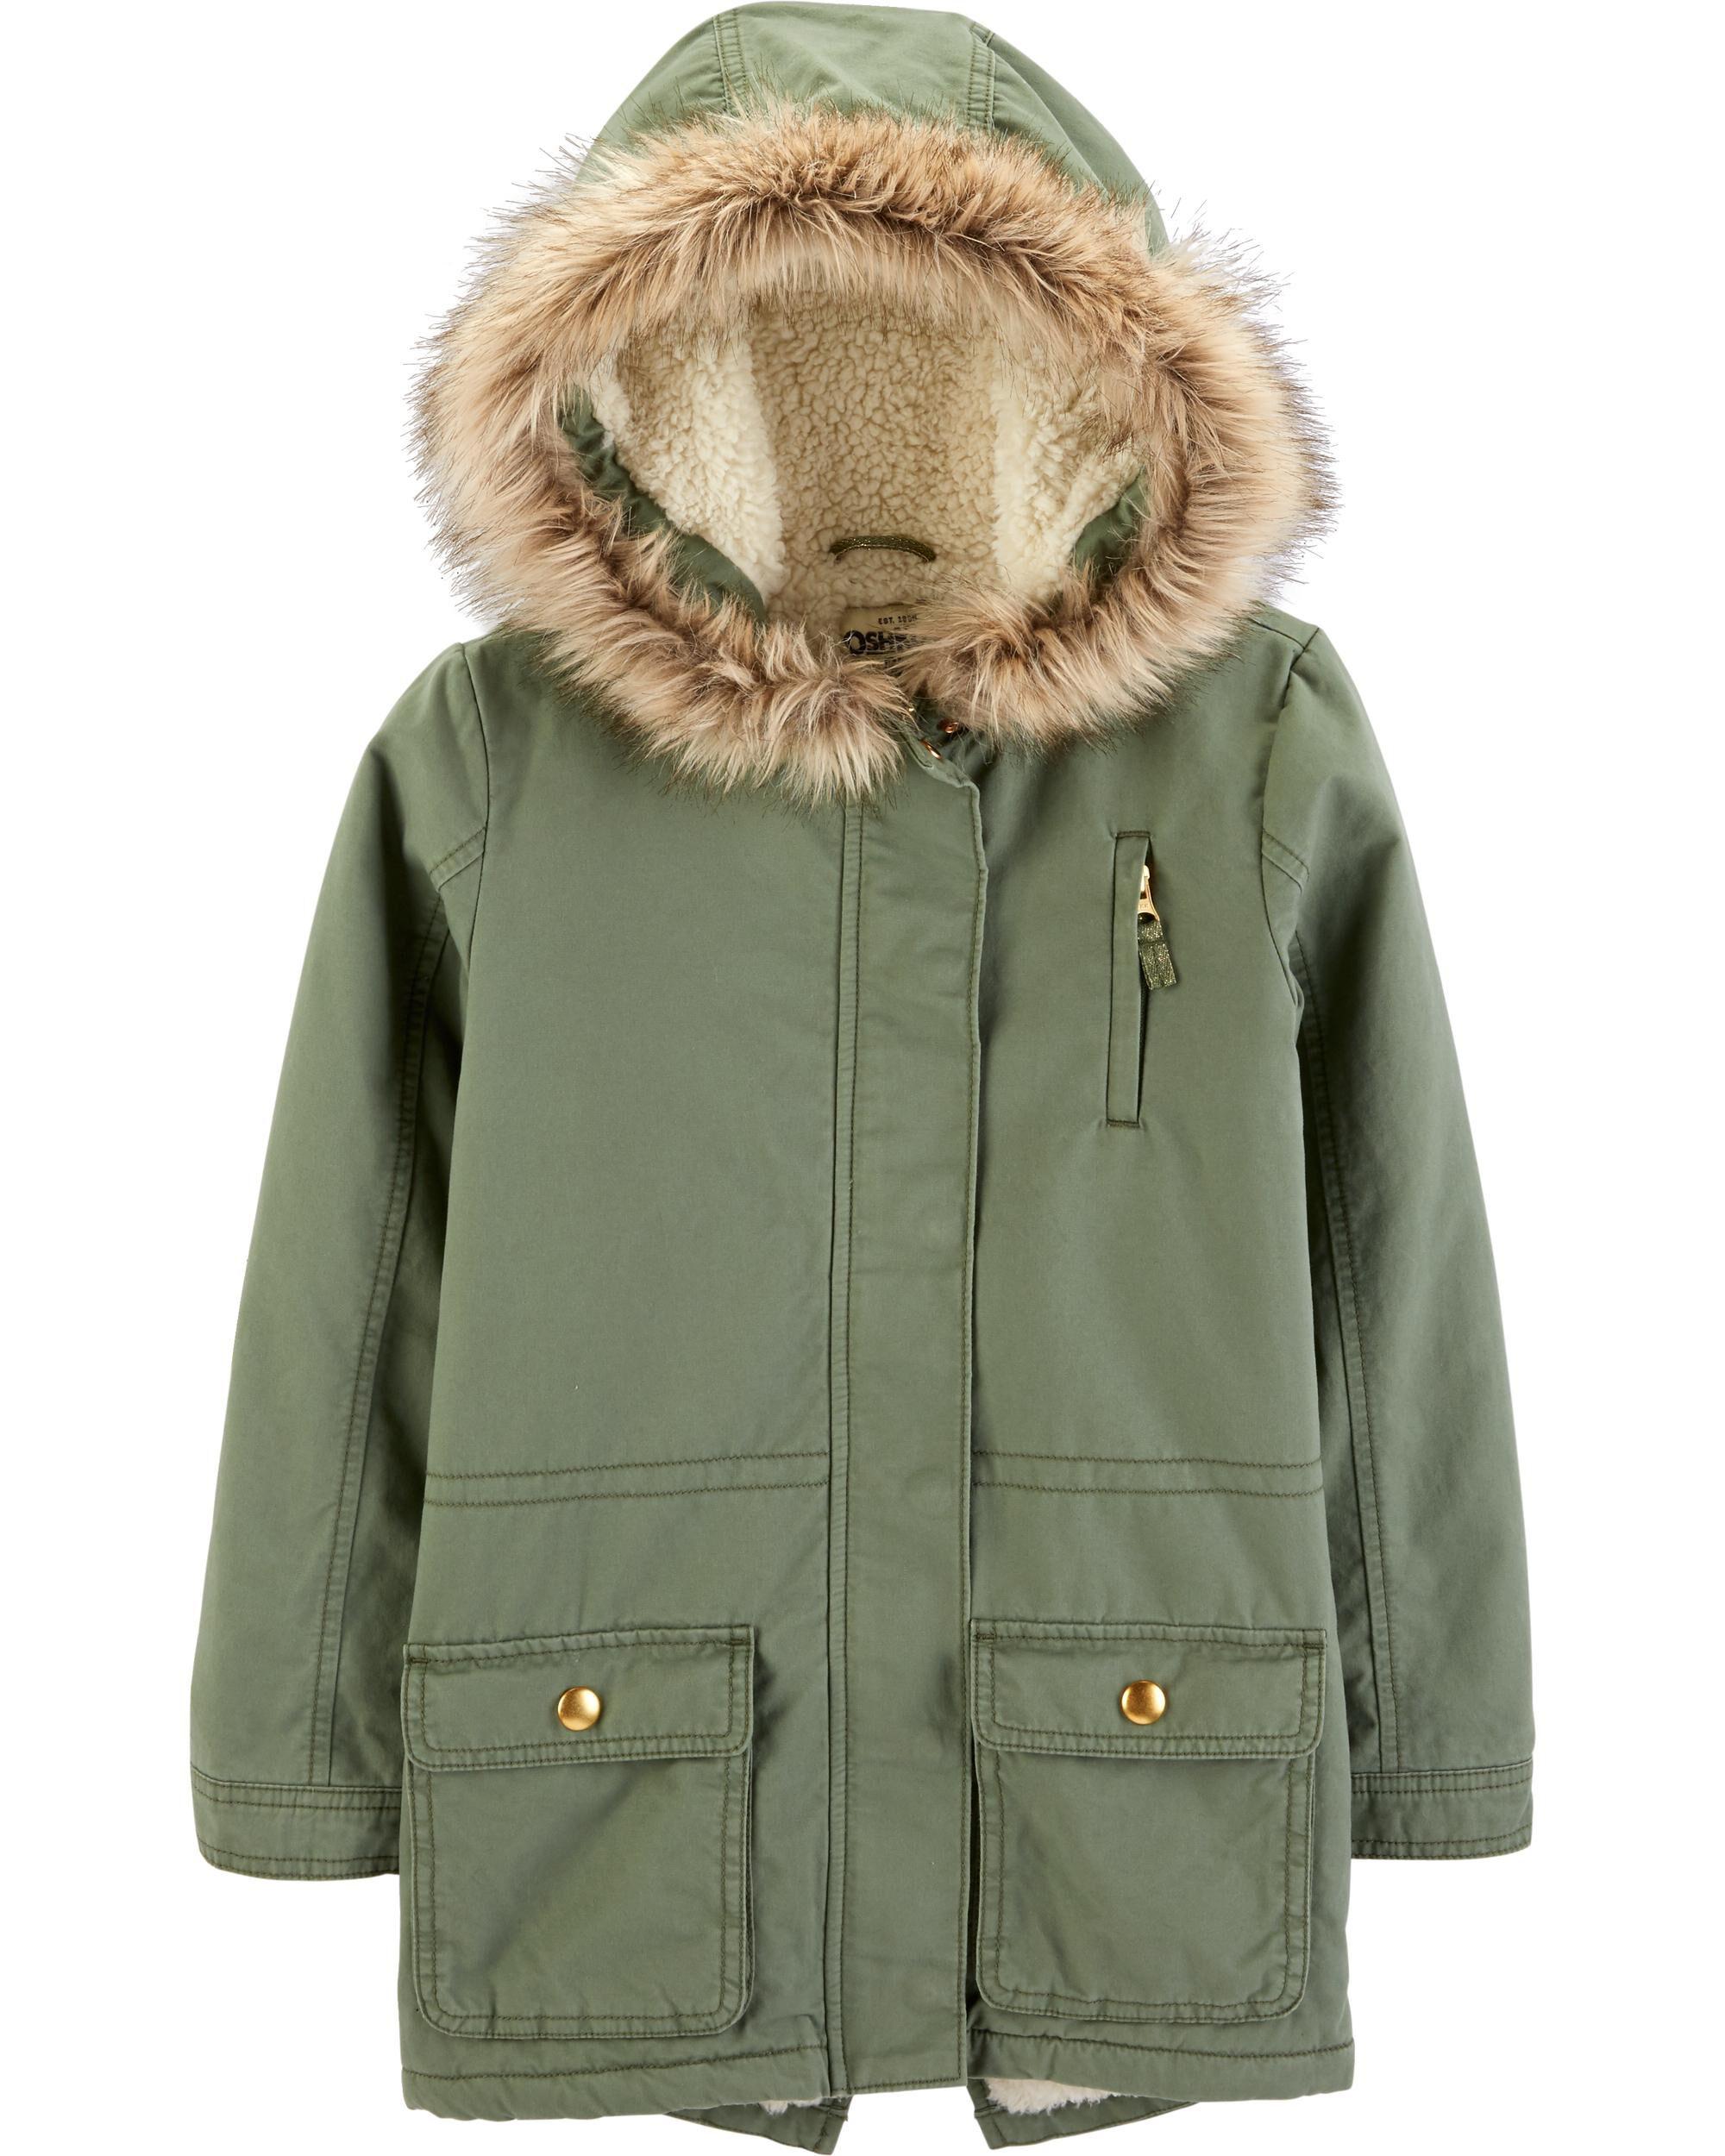 092670504 Field Jacket